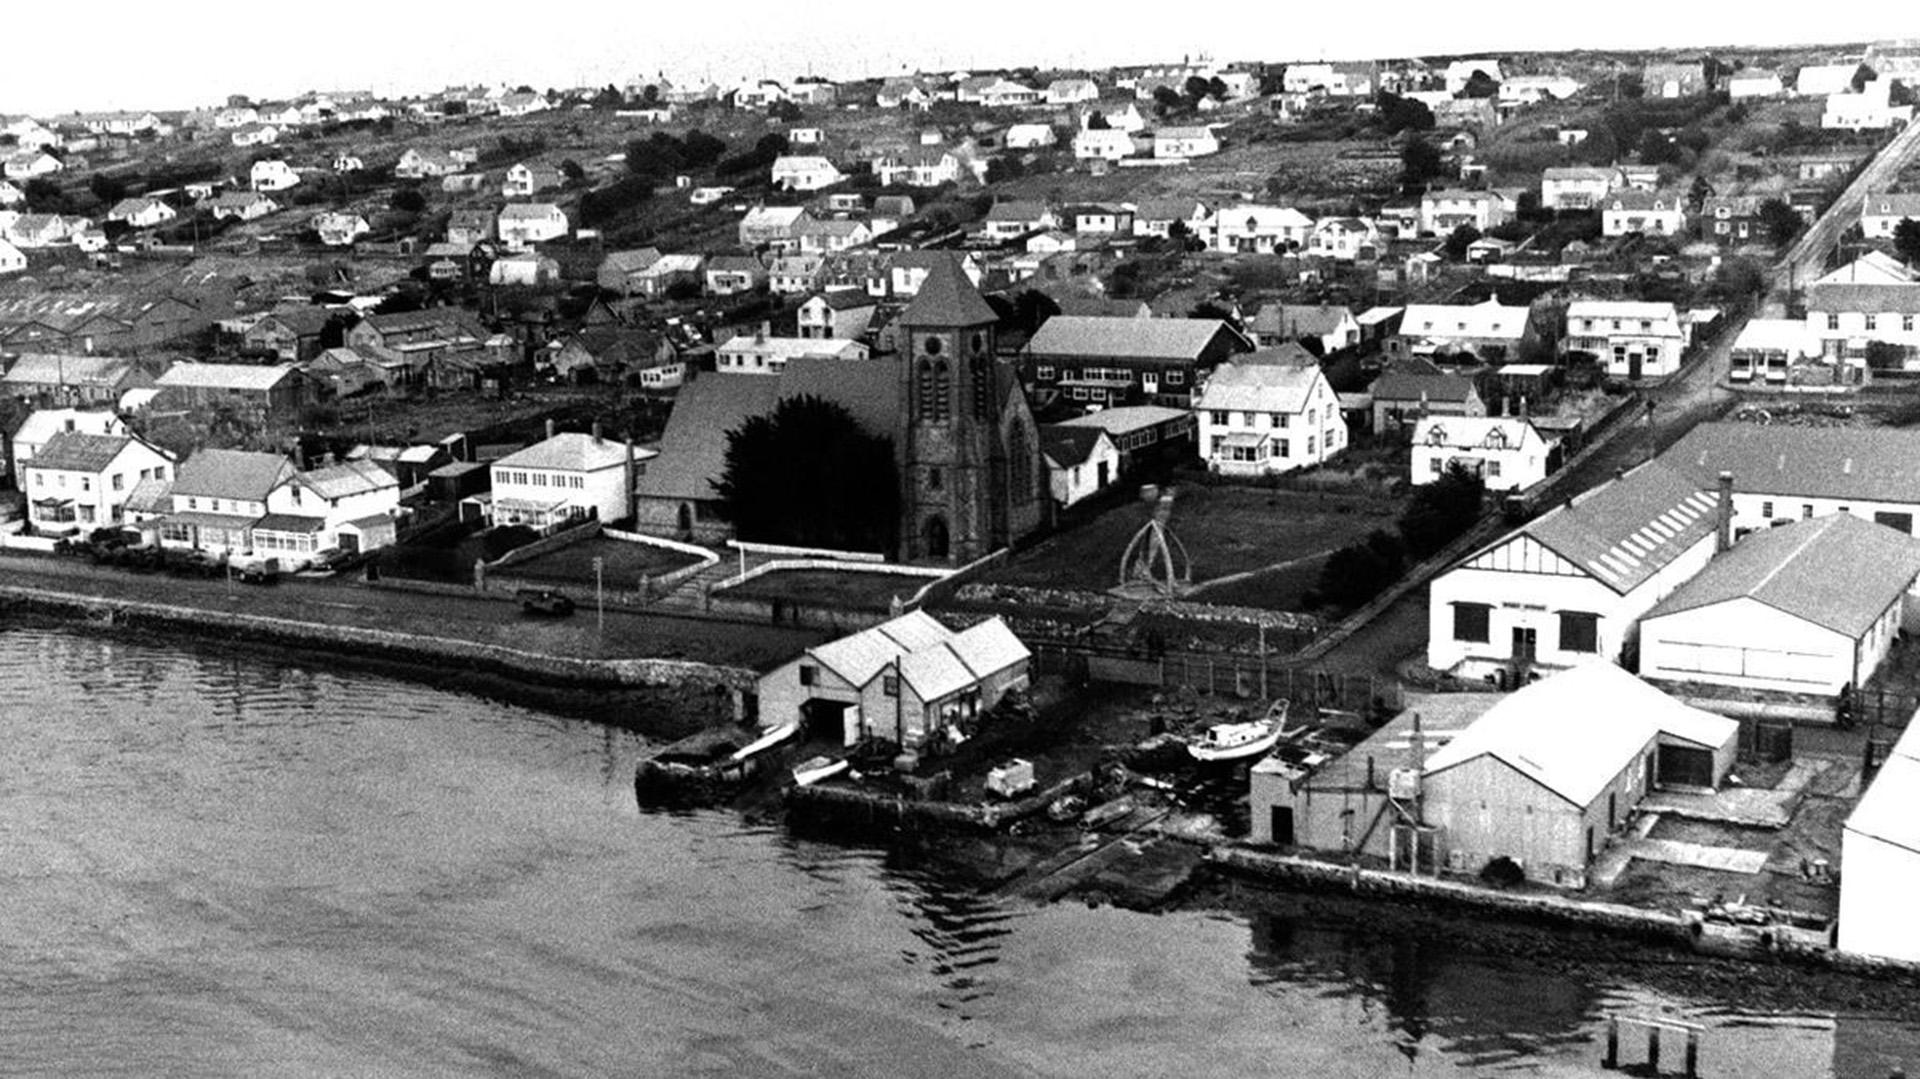 Puerto Argentino visto desde el aire el 29 de junio de 1982. En el centro de la imagen se puede observar una catedral anglicana (AP)